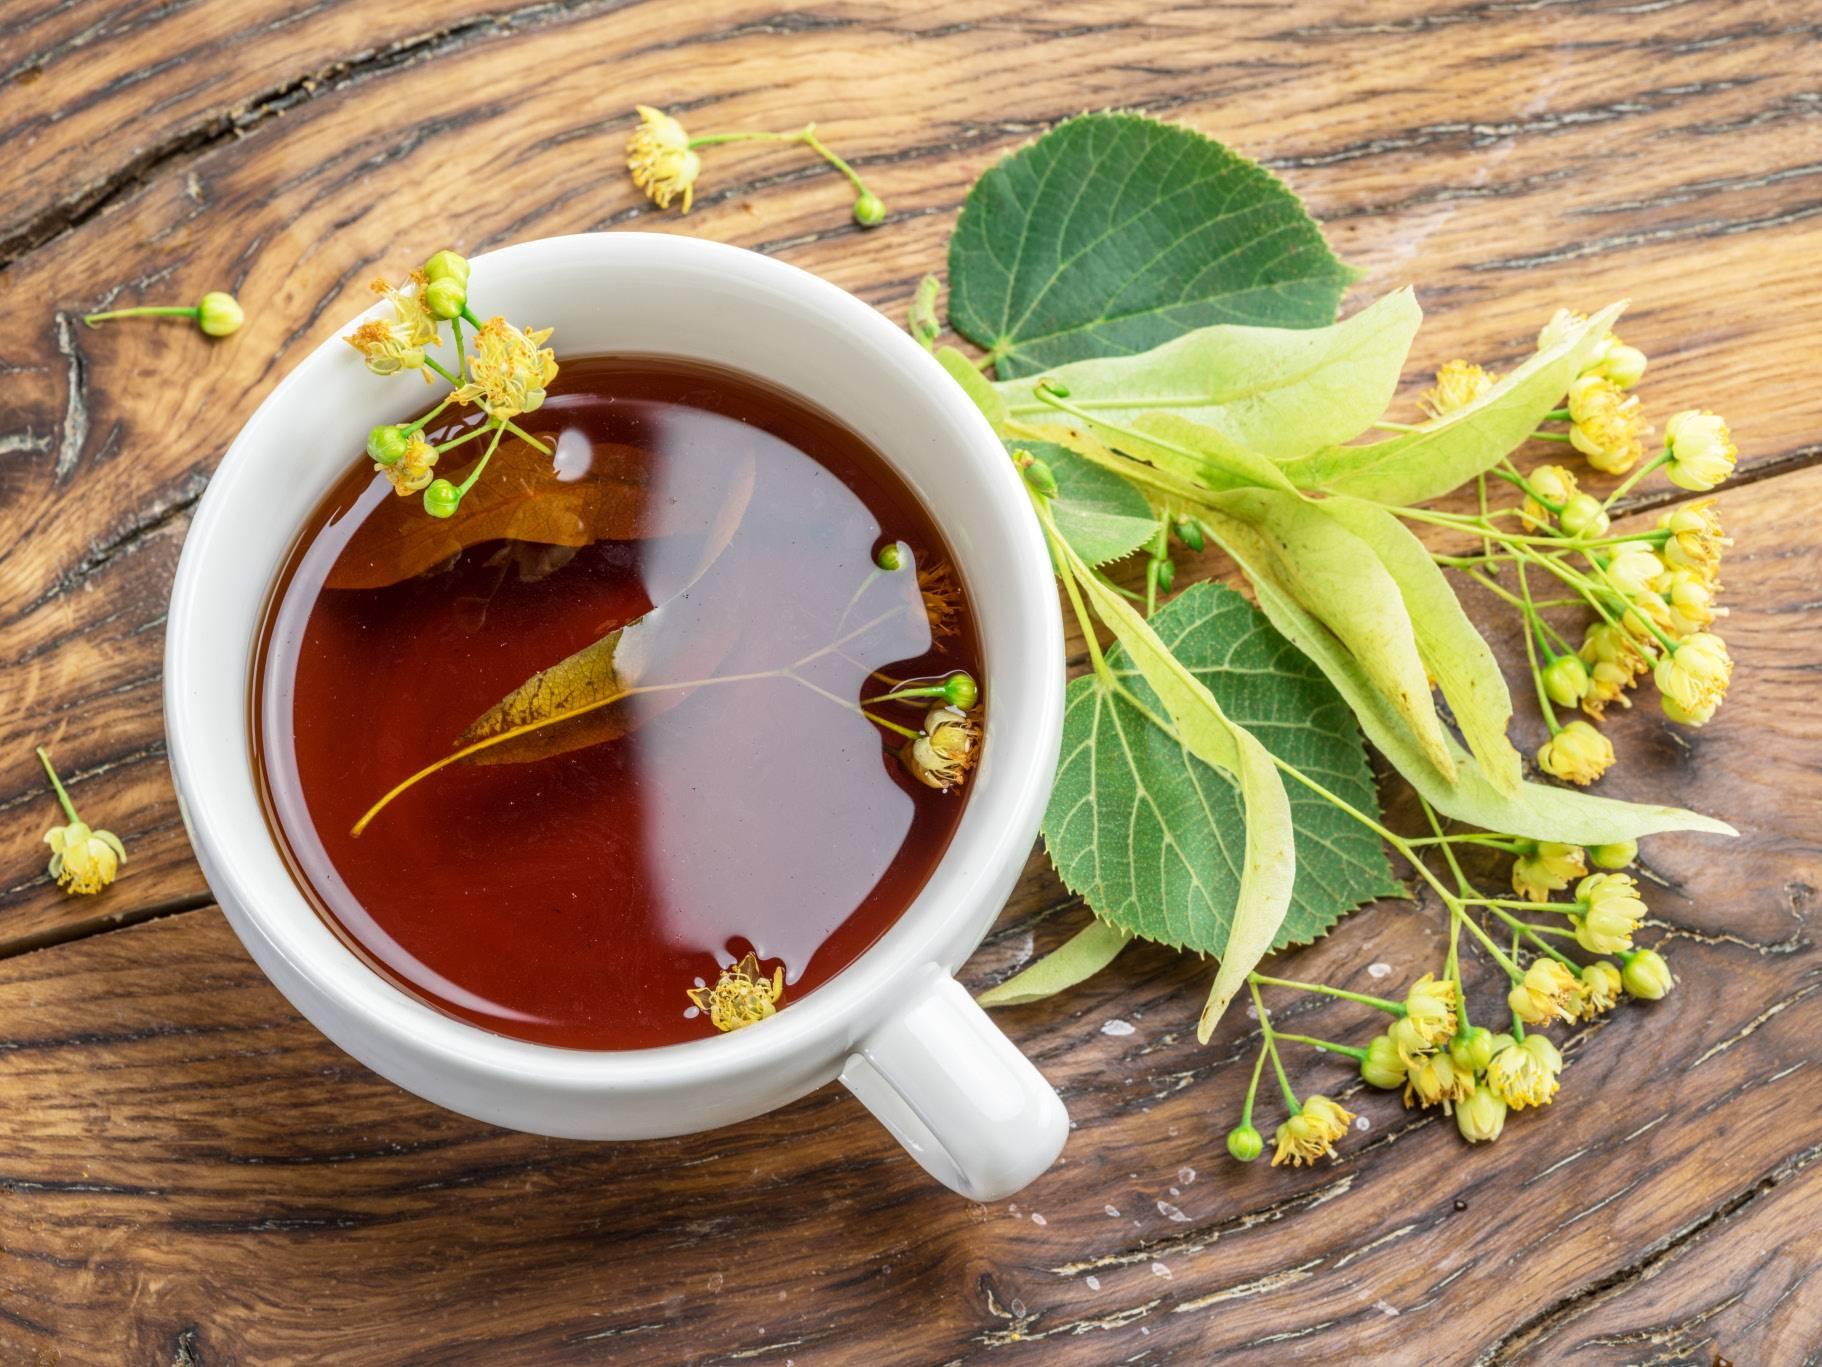 Польза чая из липы: рецепты приготовления при различных недугах, как собирать и заготавливать соцветия и есть ли противопоказания